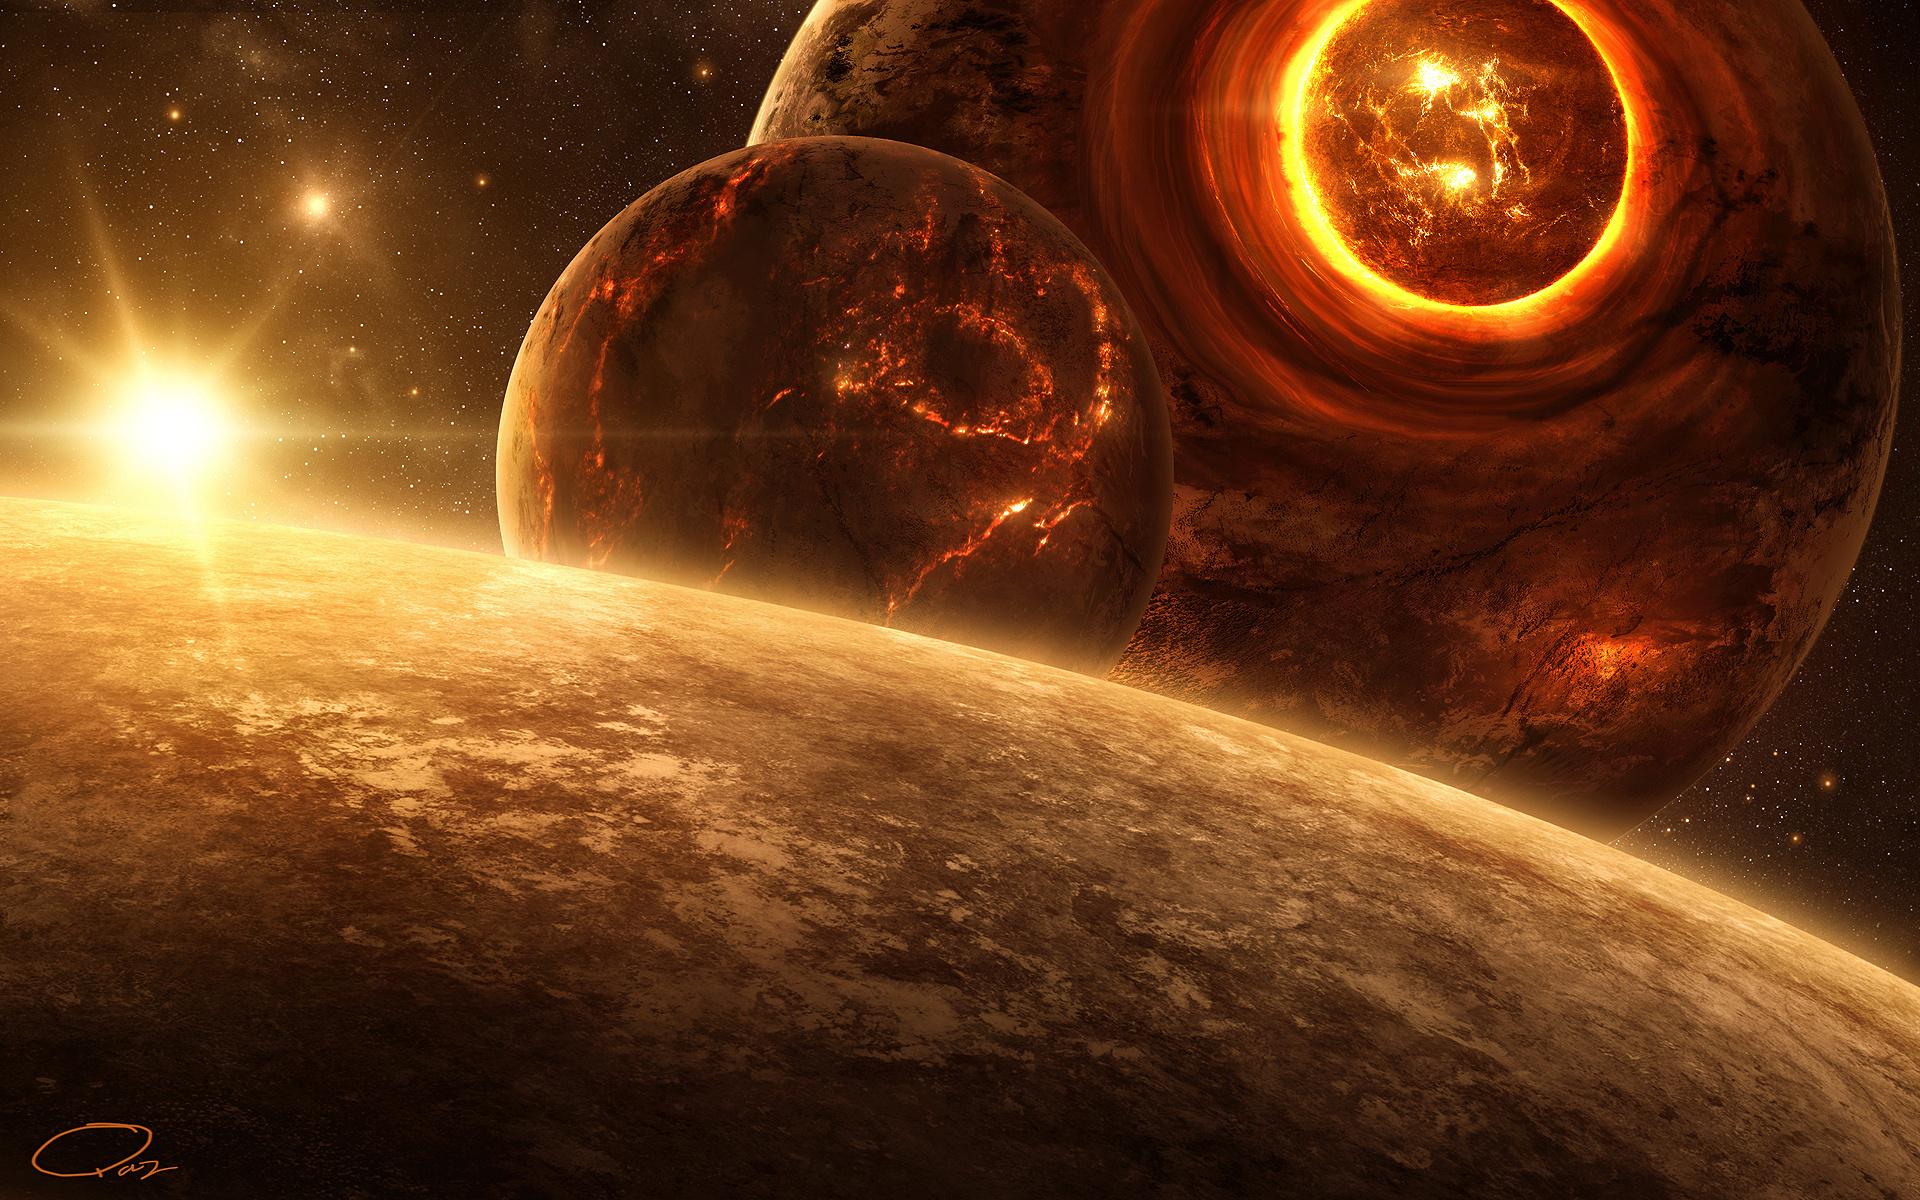 Обои огненная планета картинки на рабочий стол на тему Космос - скачать  № 433798 загрузить